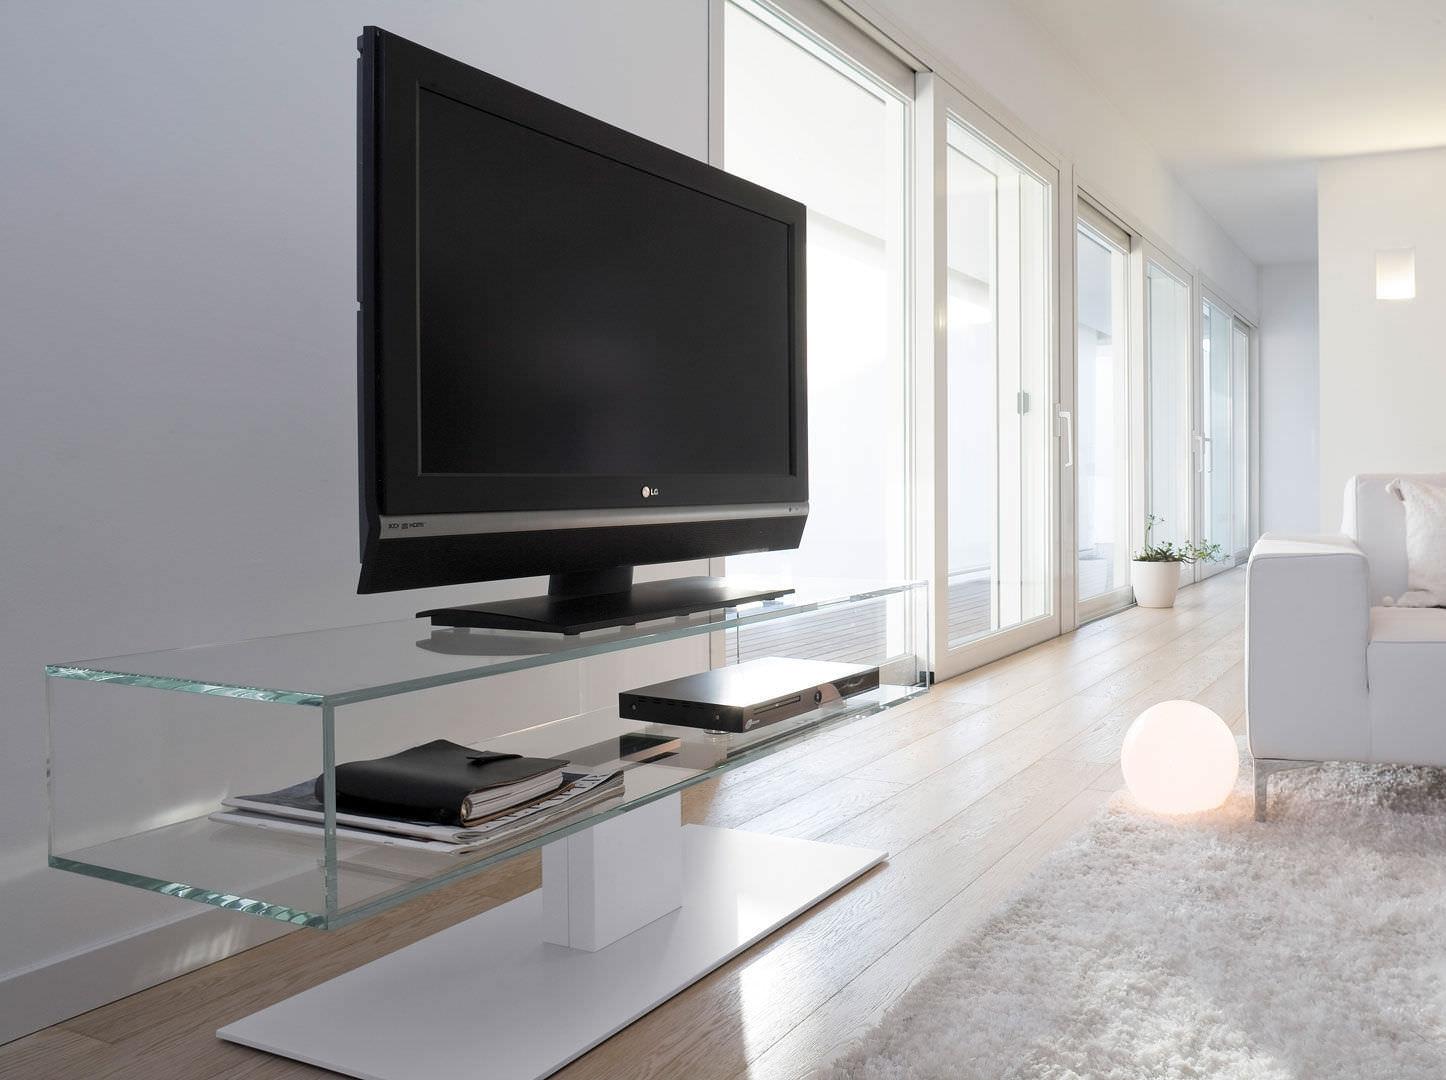 Meuble Tv Pivotant En Acier En Bois En Verre Daniel  # Meuble Tv En Verre